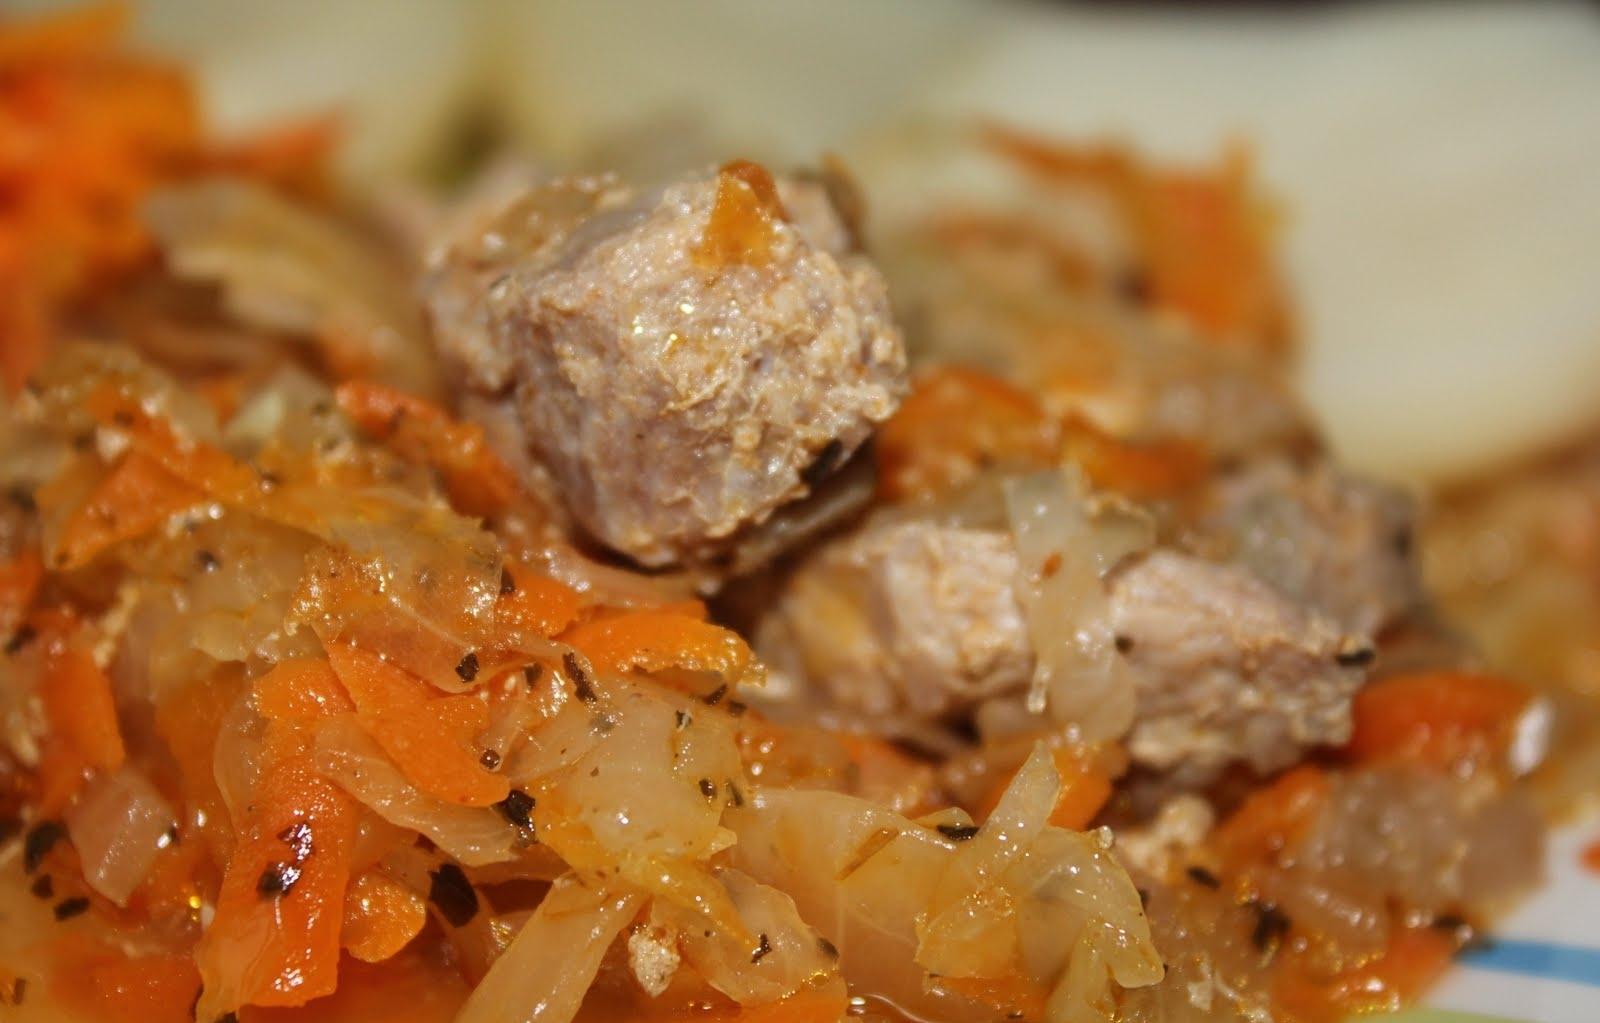 тушеная капуста в мультиварке филипс с мясом рецепт с